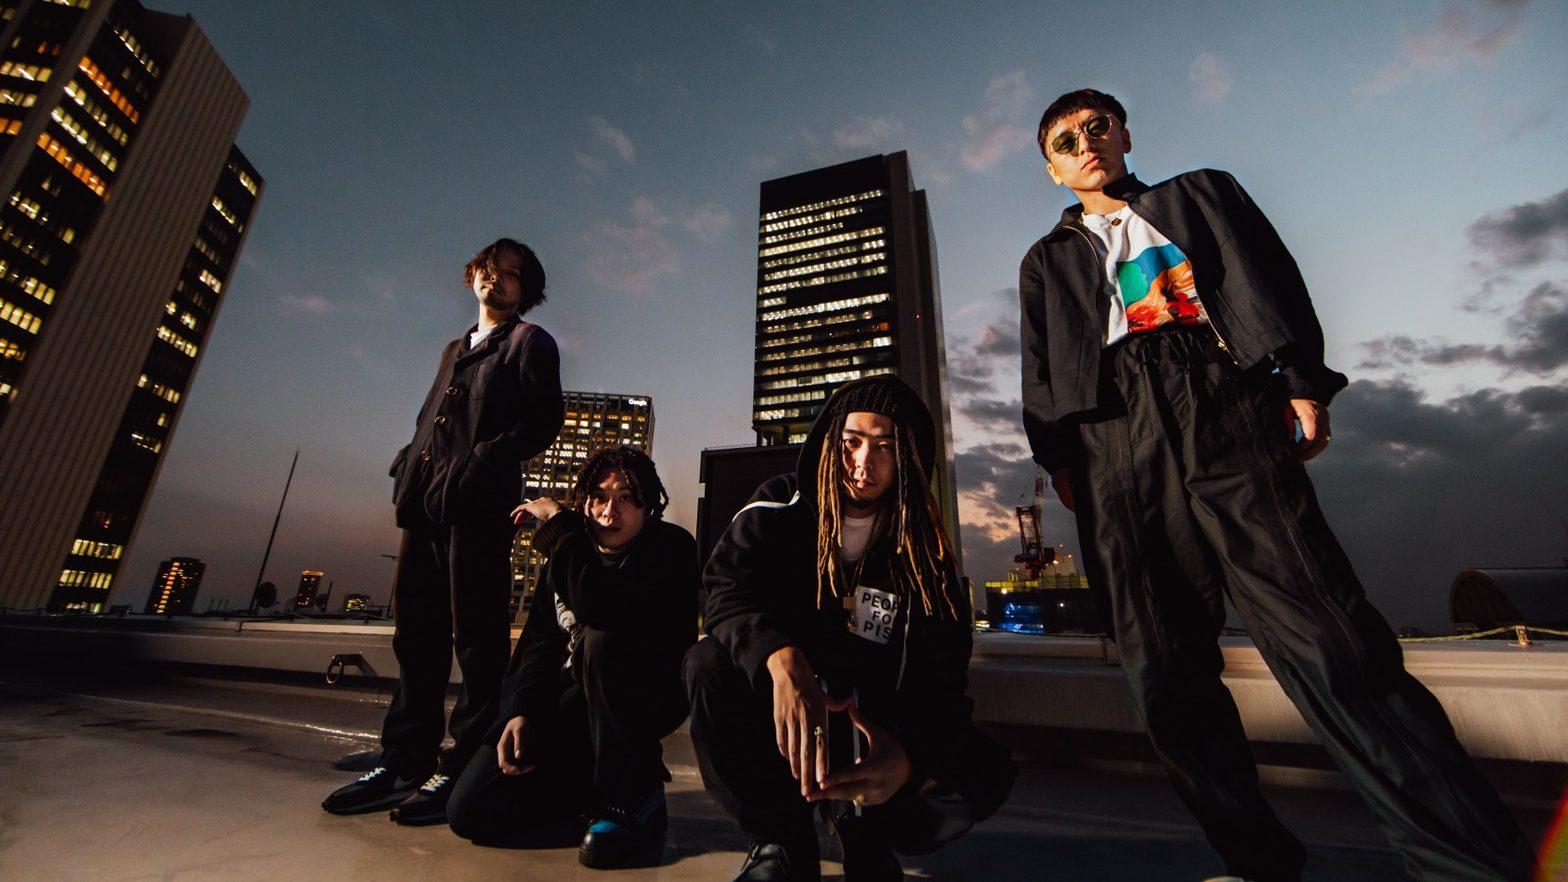 ストリートなイベント【大阪】SOLIPSISM TOUR 2019 VIGORMAN初の単独公演が開催決定!